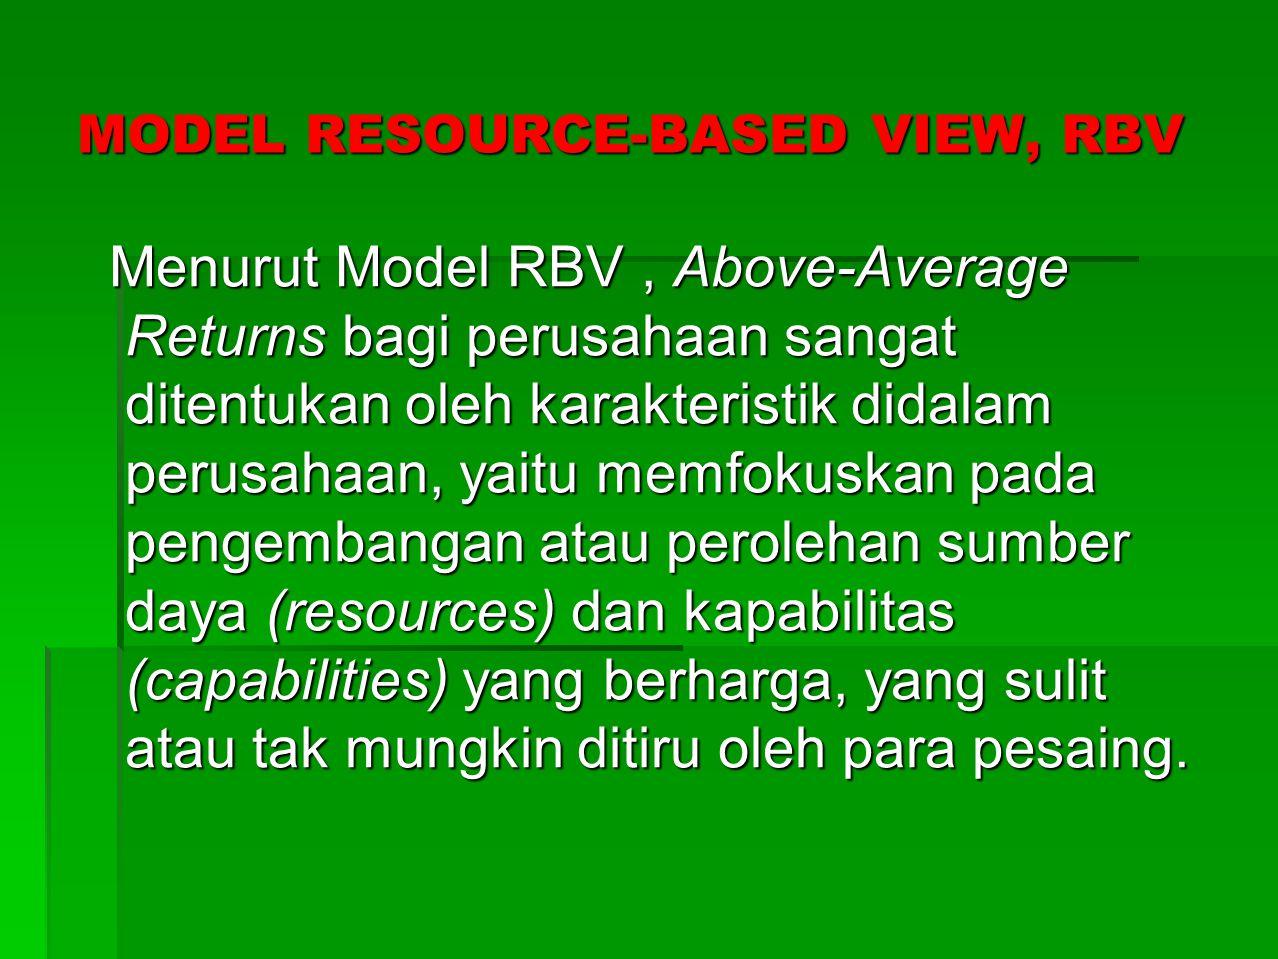 TAHAPAN MODEL RESOURCES-BASED VIEV, RBV UNTUK MENDAPATKAN Above-Average Returns  Mengidentifikasi sumber daya perusahaan.